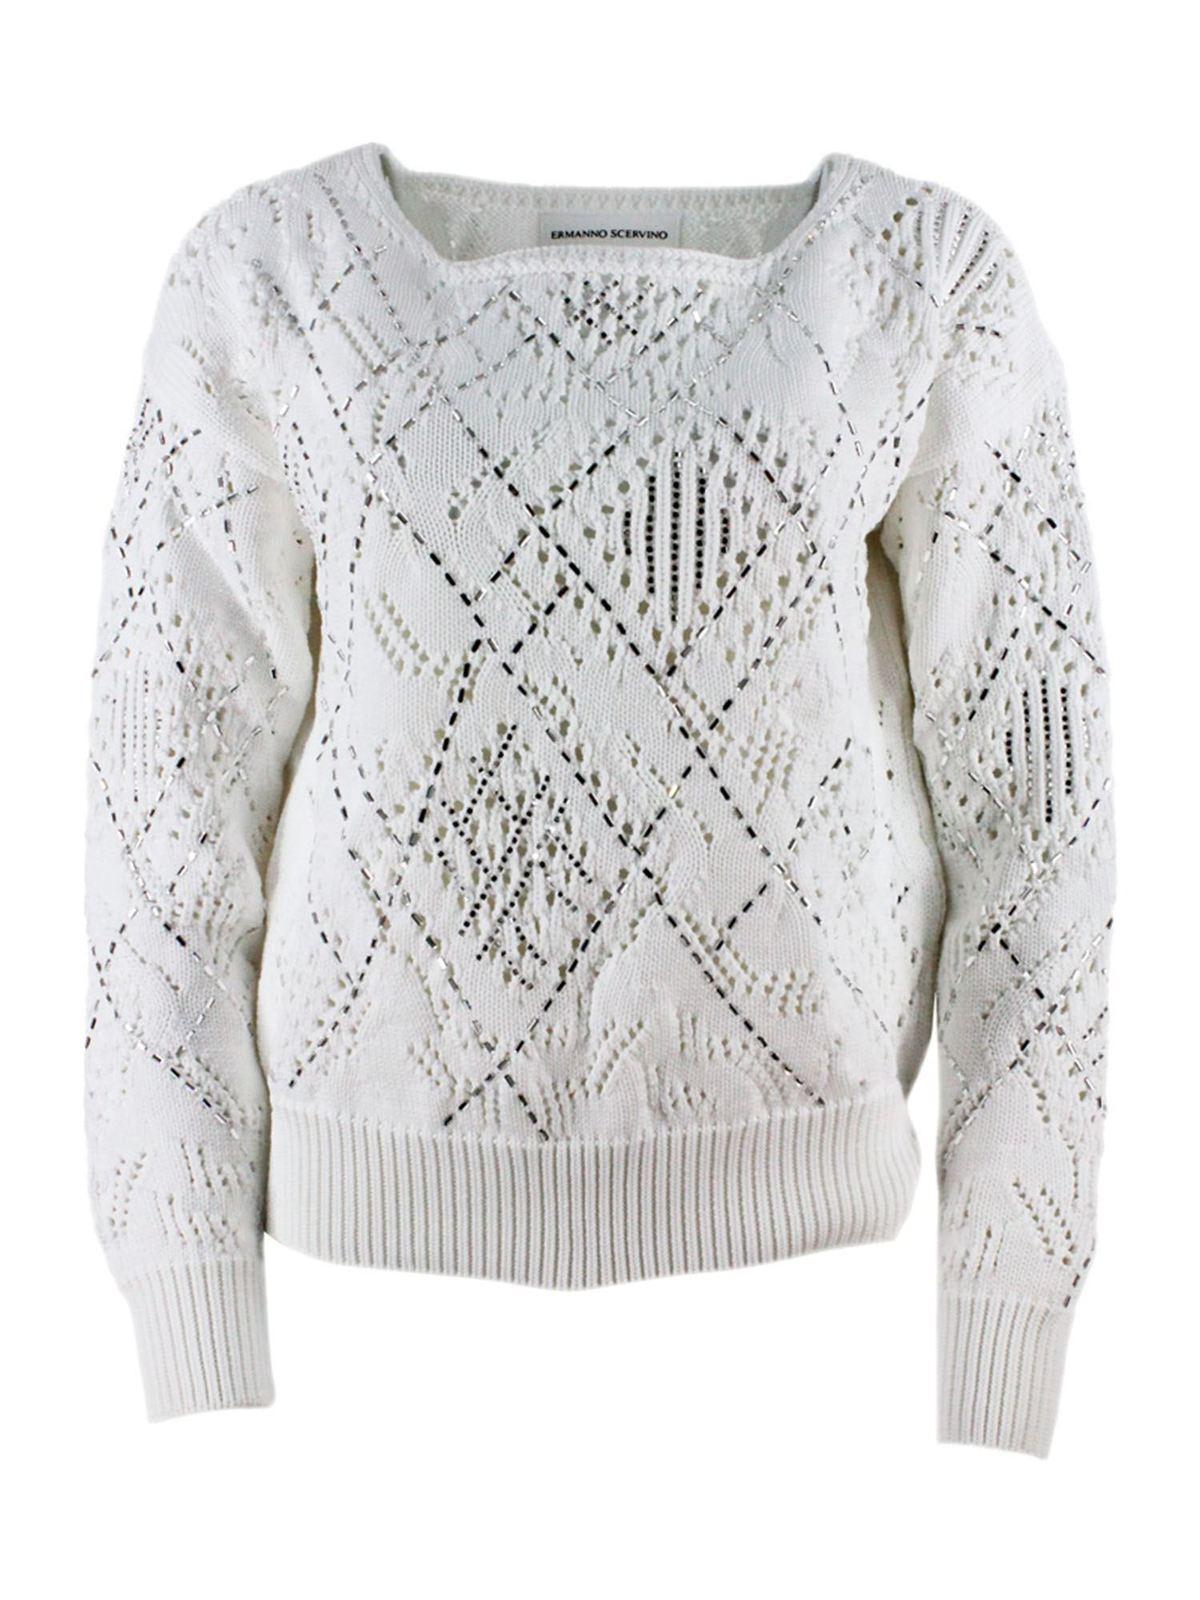 Ermanno Scervino Beads Pullover In White